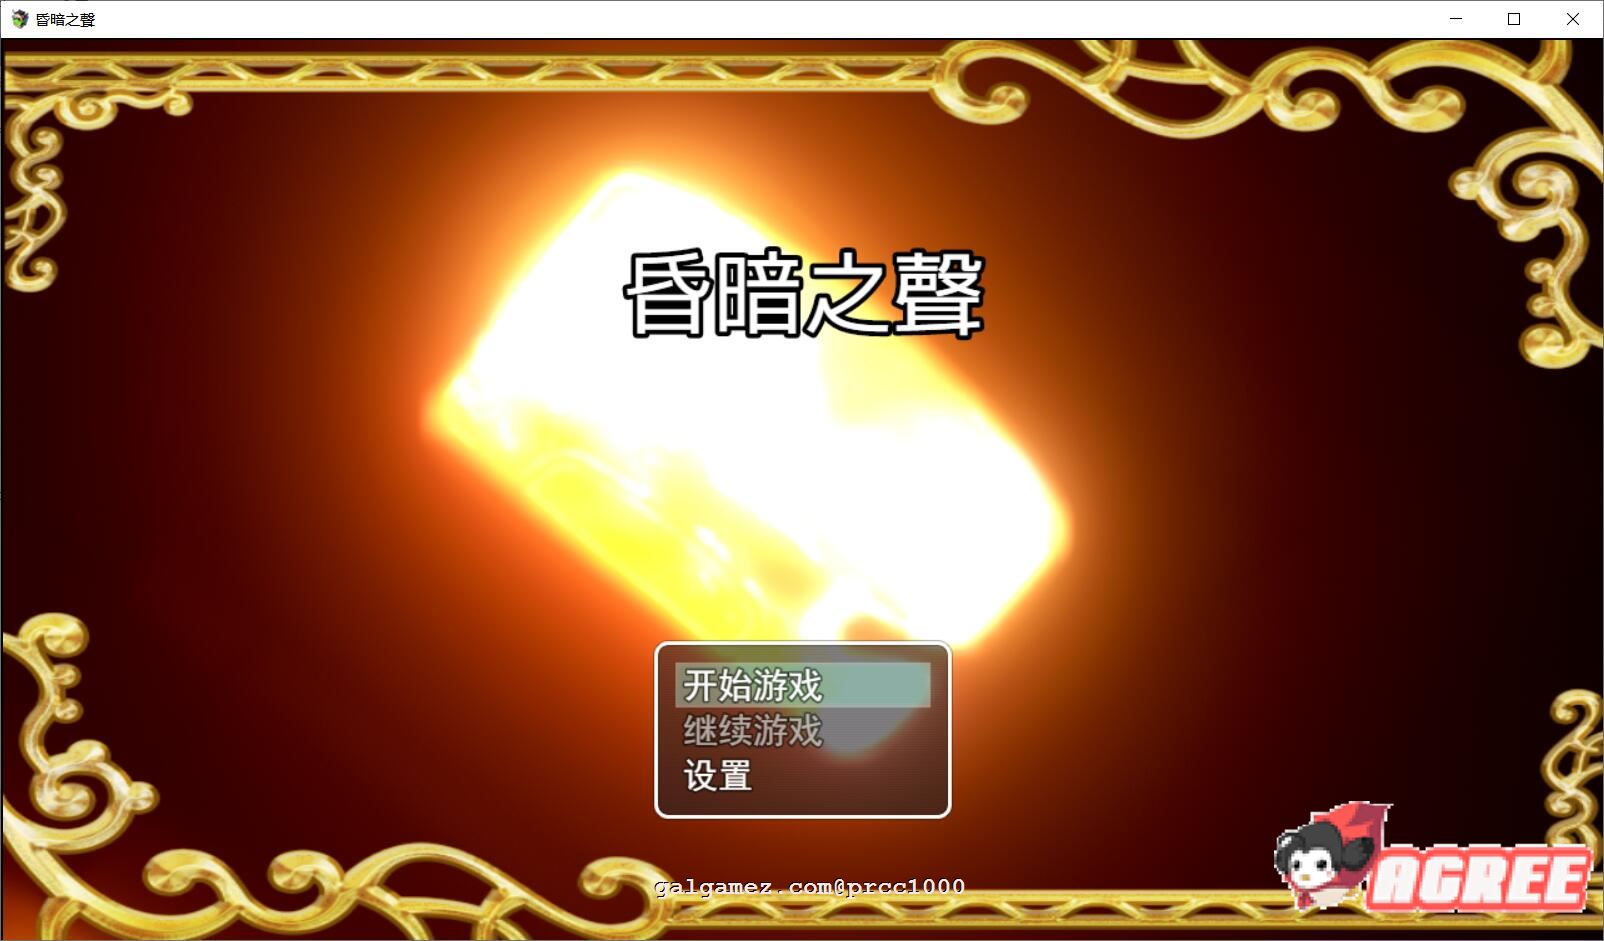 【超高自由度RPG/中文/步兵】昏暗之声~ Noise V0.35官方中文完整版【4.2G/新作/全CV】